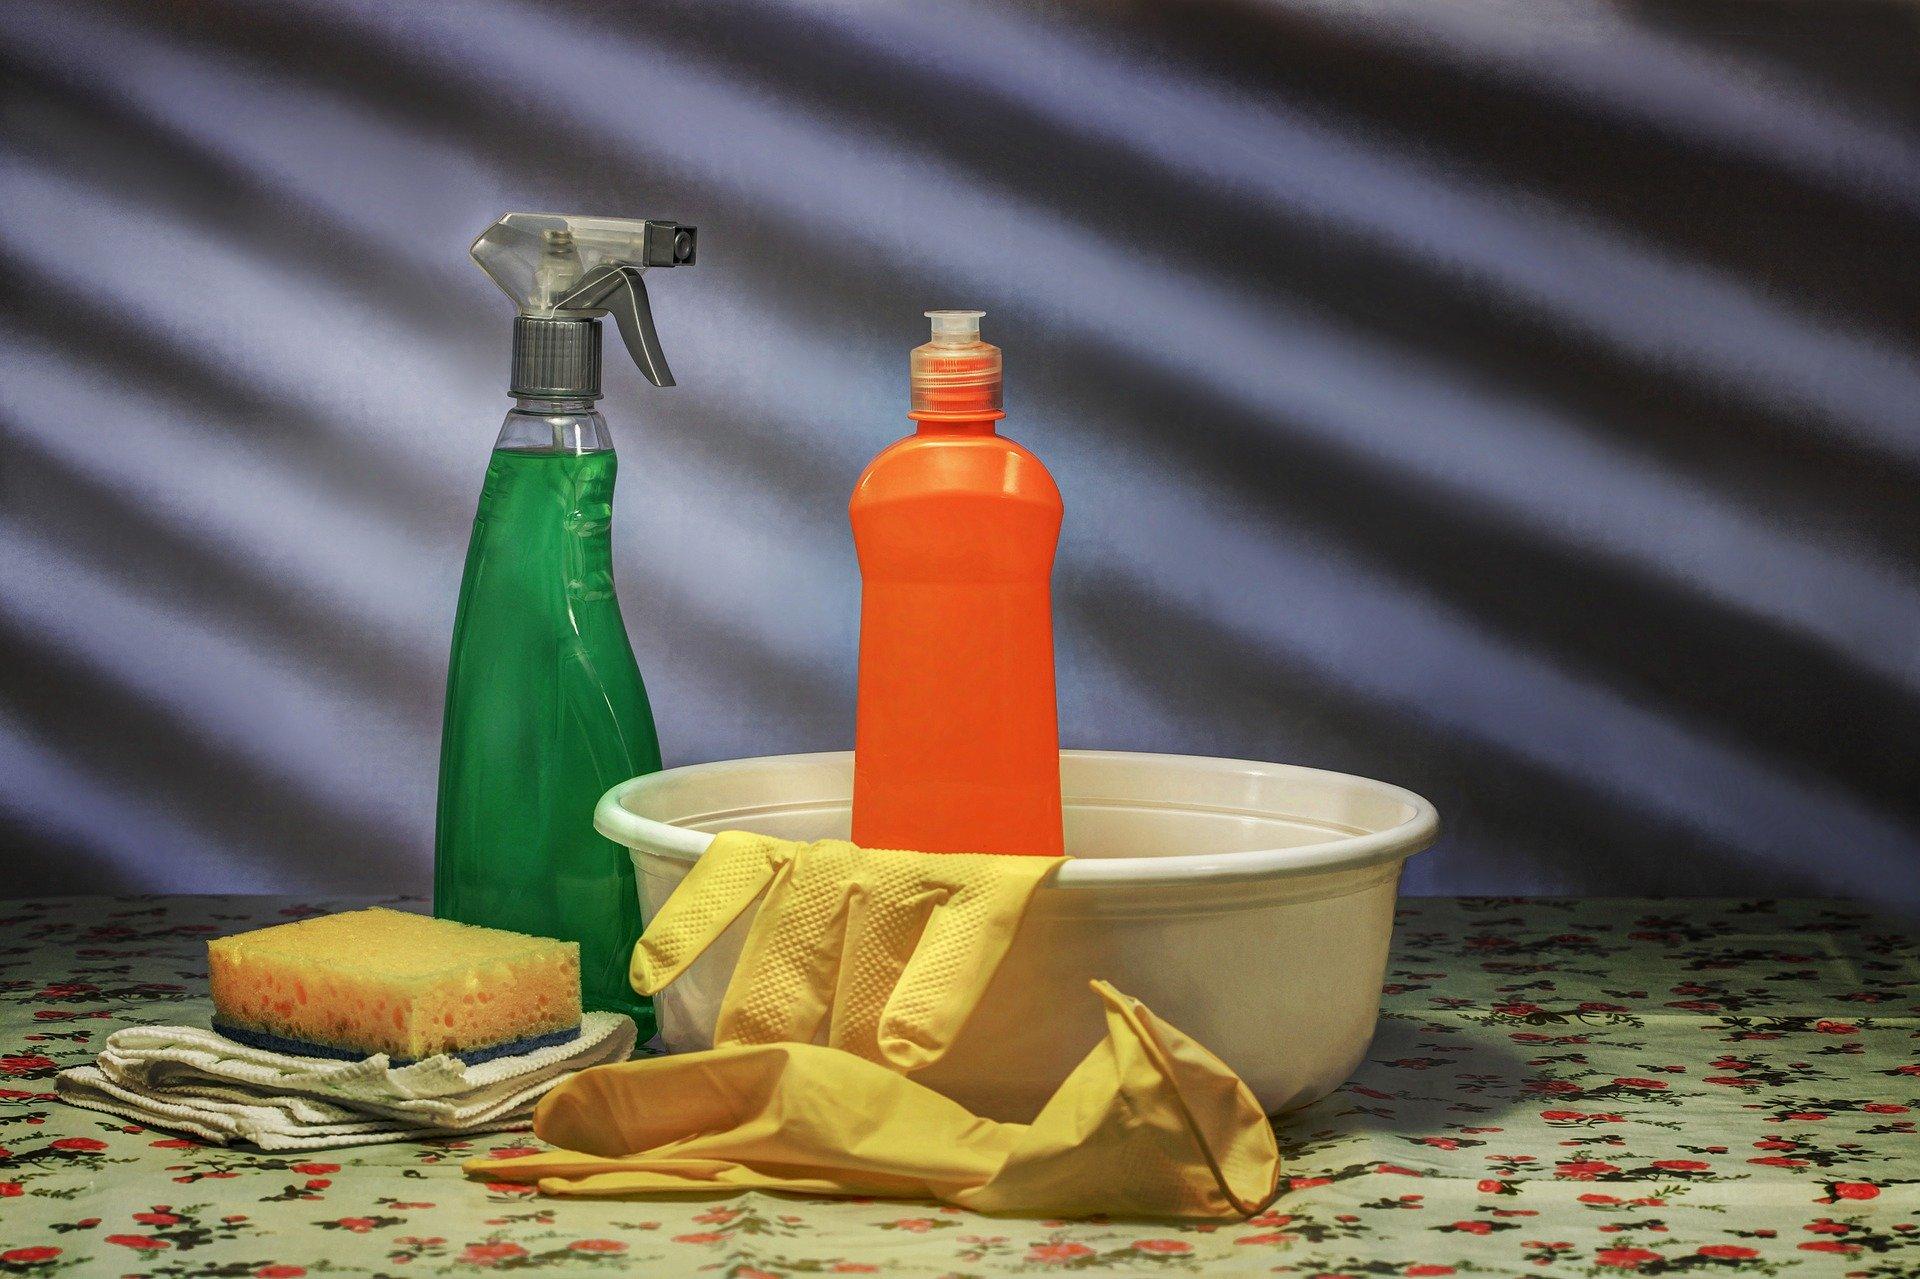 Как производить уборку в условиях карантина: чем чище, тем безопаснее